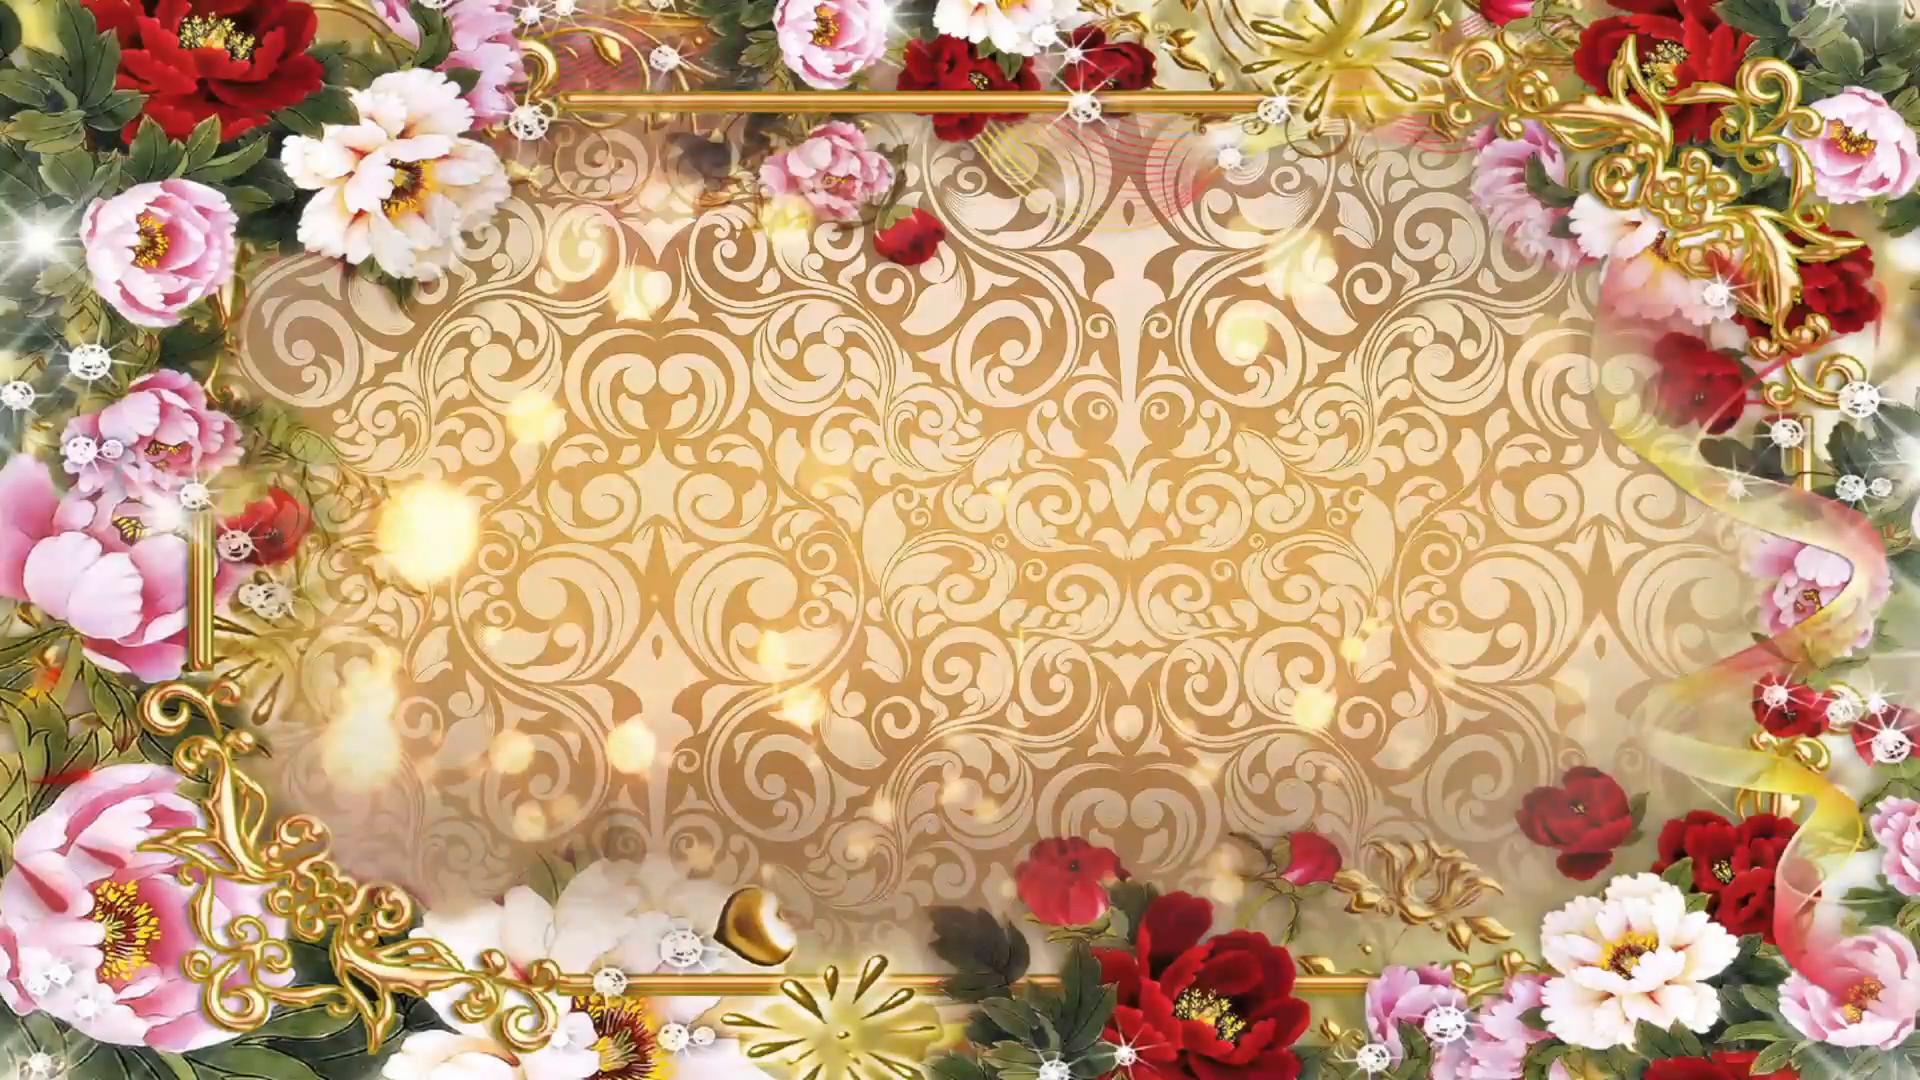 hd wedding backgrounds 183��